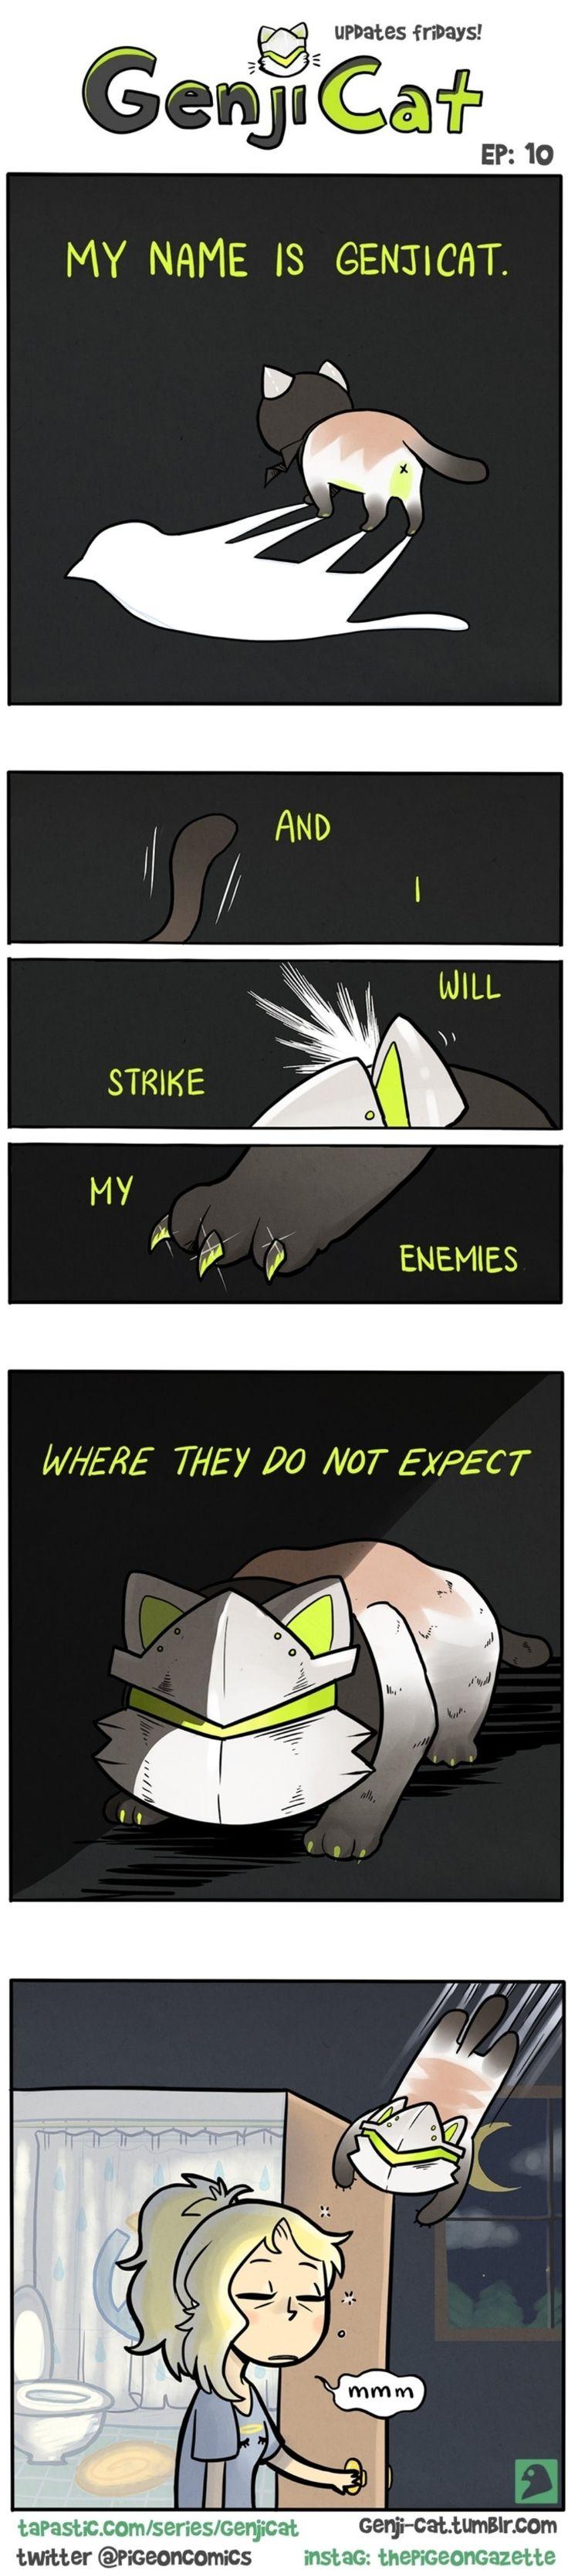 Genji cat, nooOO